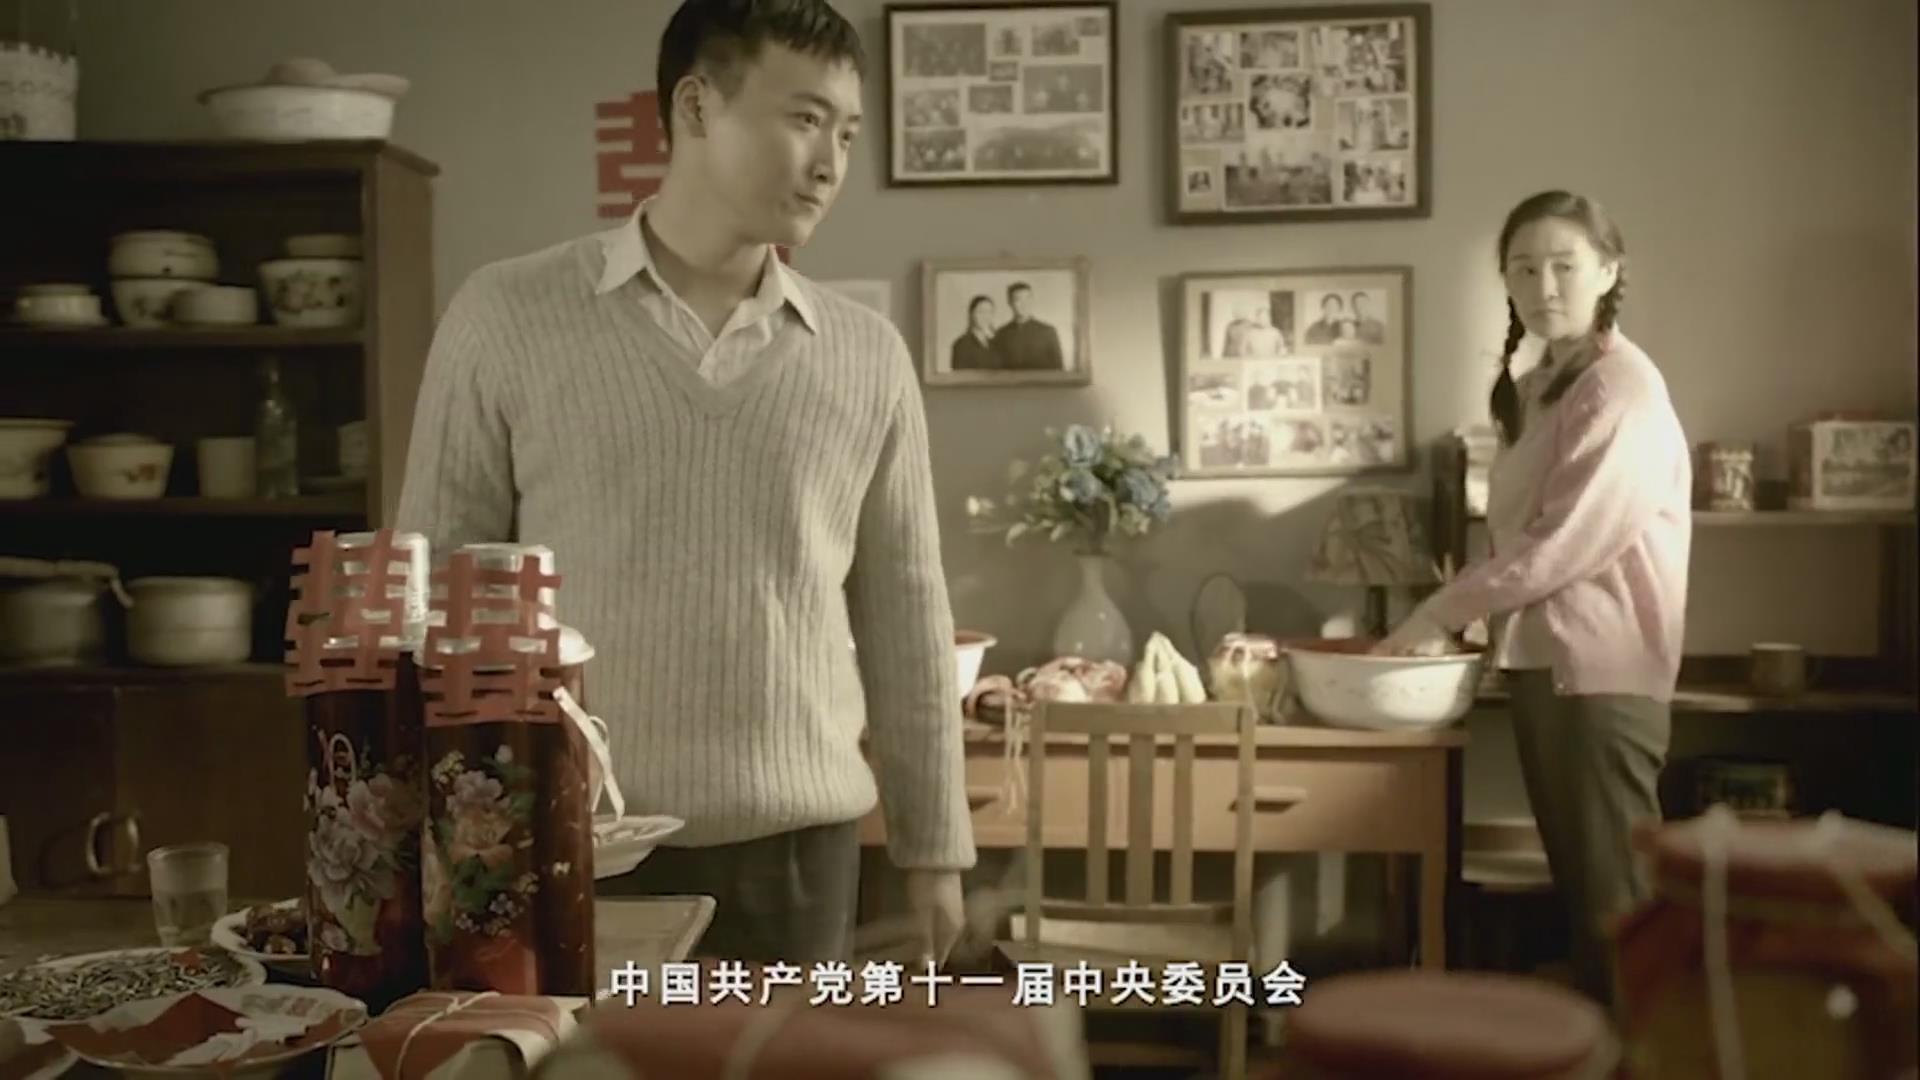 【庆祝改革开放40周年系列微电影】第三部:印记